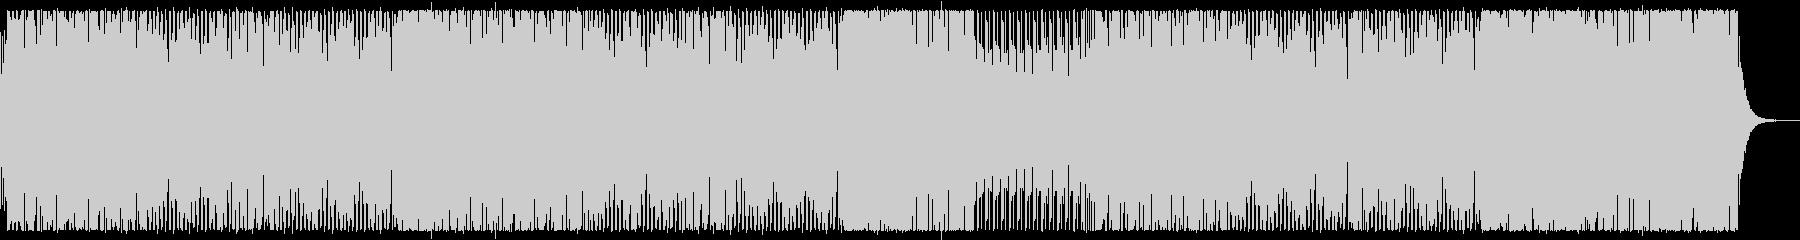 ブラスと打楽器のノリノリラテン風インストの未再生の波形